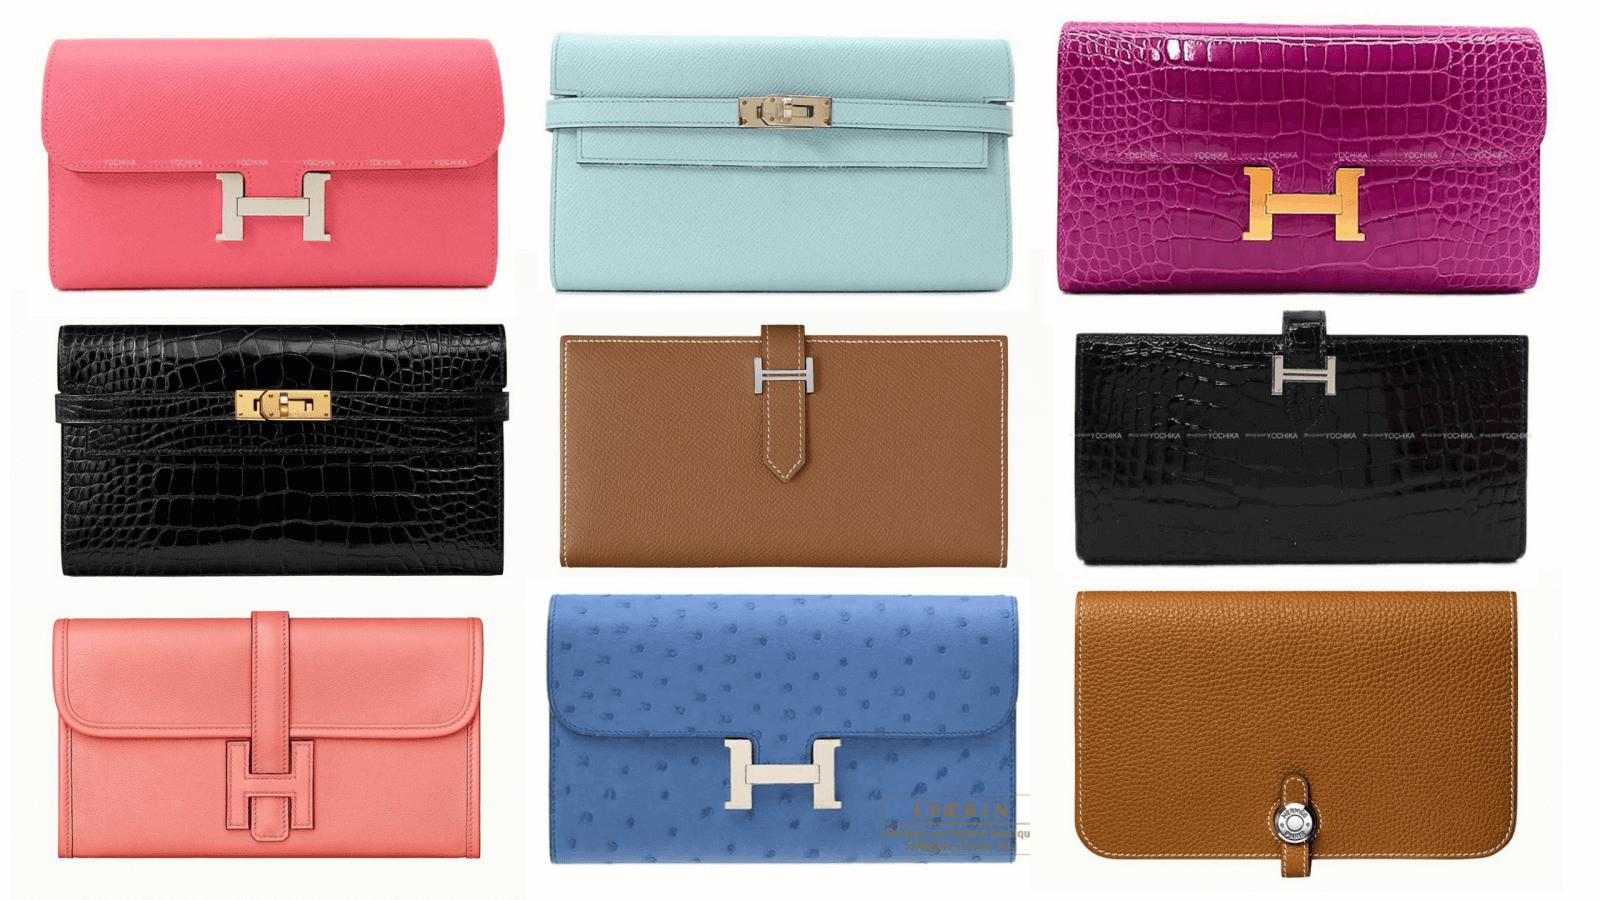 エルメスで人気の長財布12選(レディース)|定番の形や人気の色、値段は?